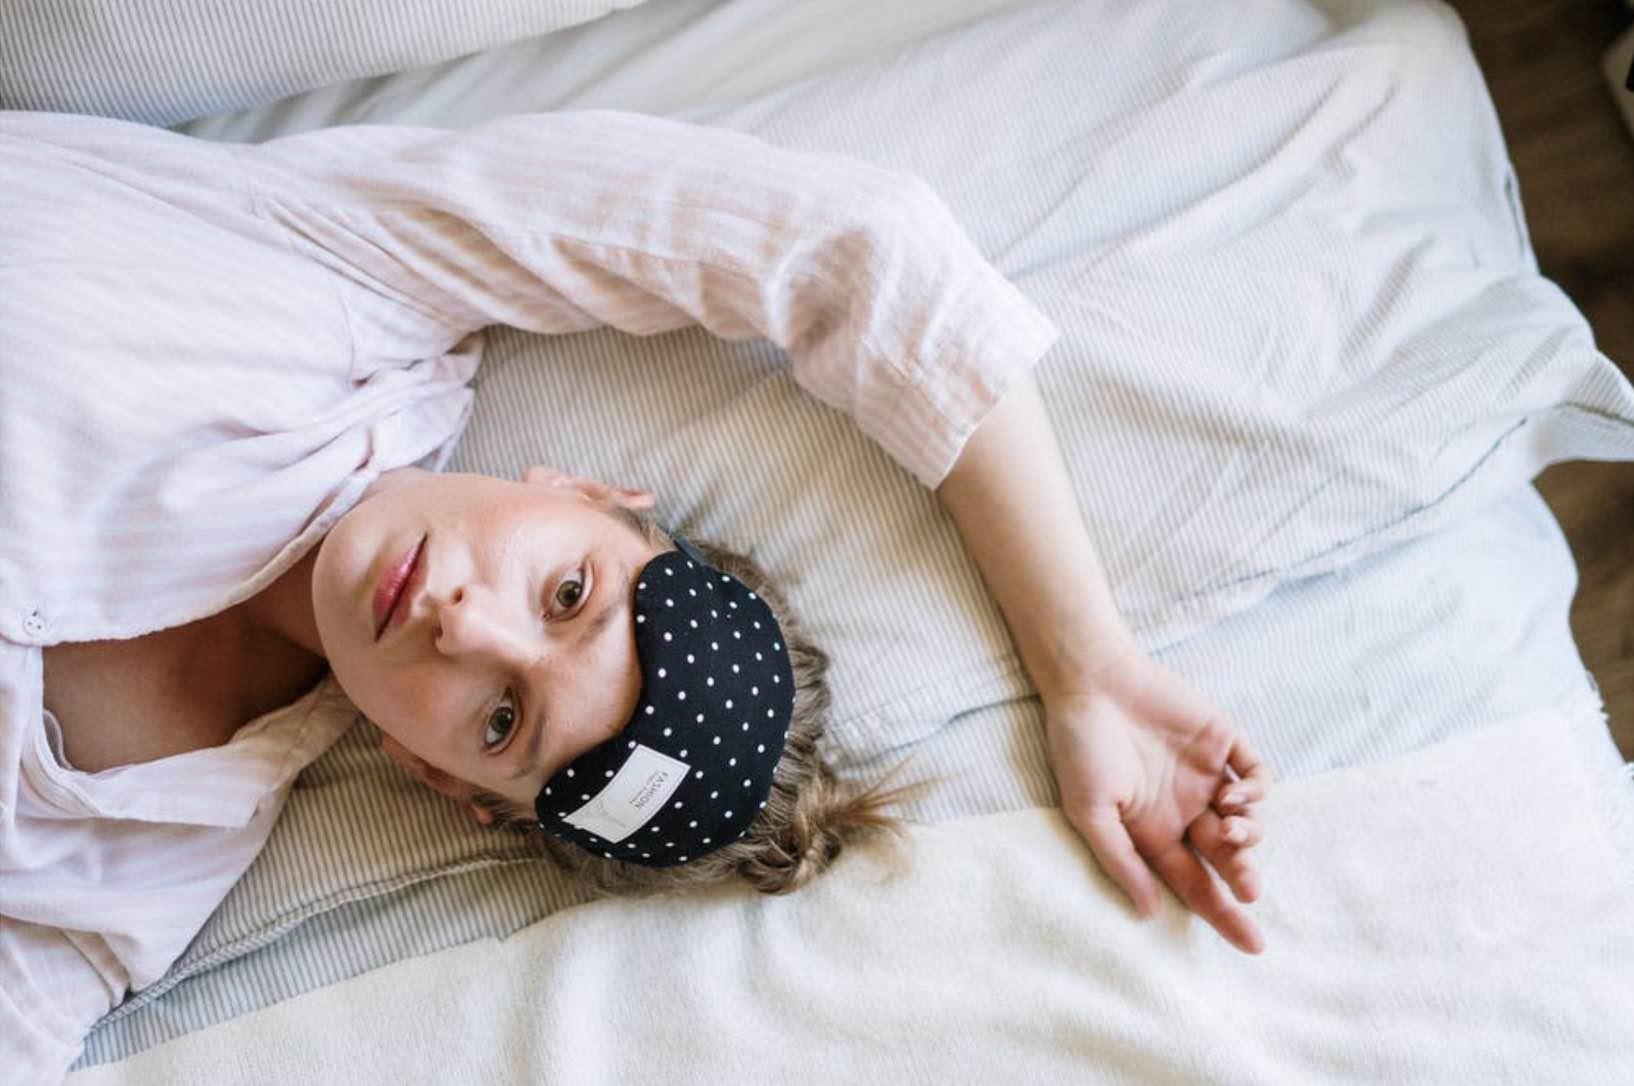 Tipe Orang Yang Mudah Alami Gangguan Tidur